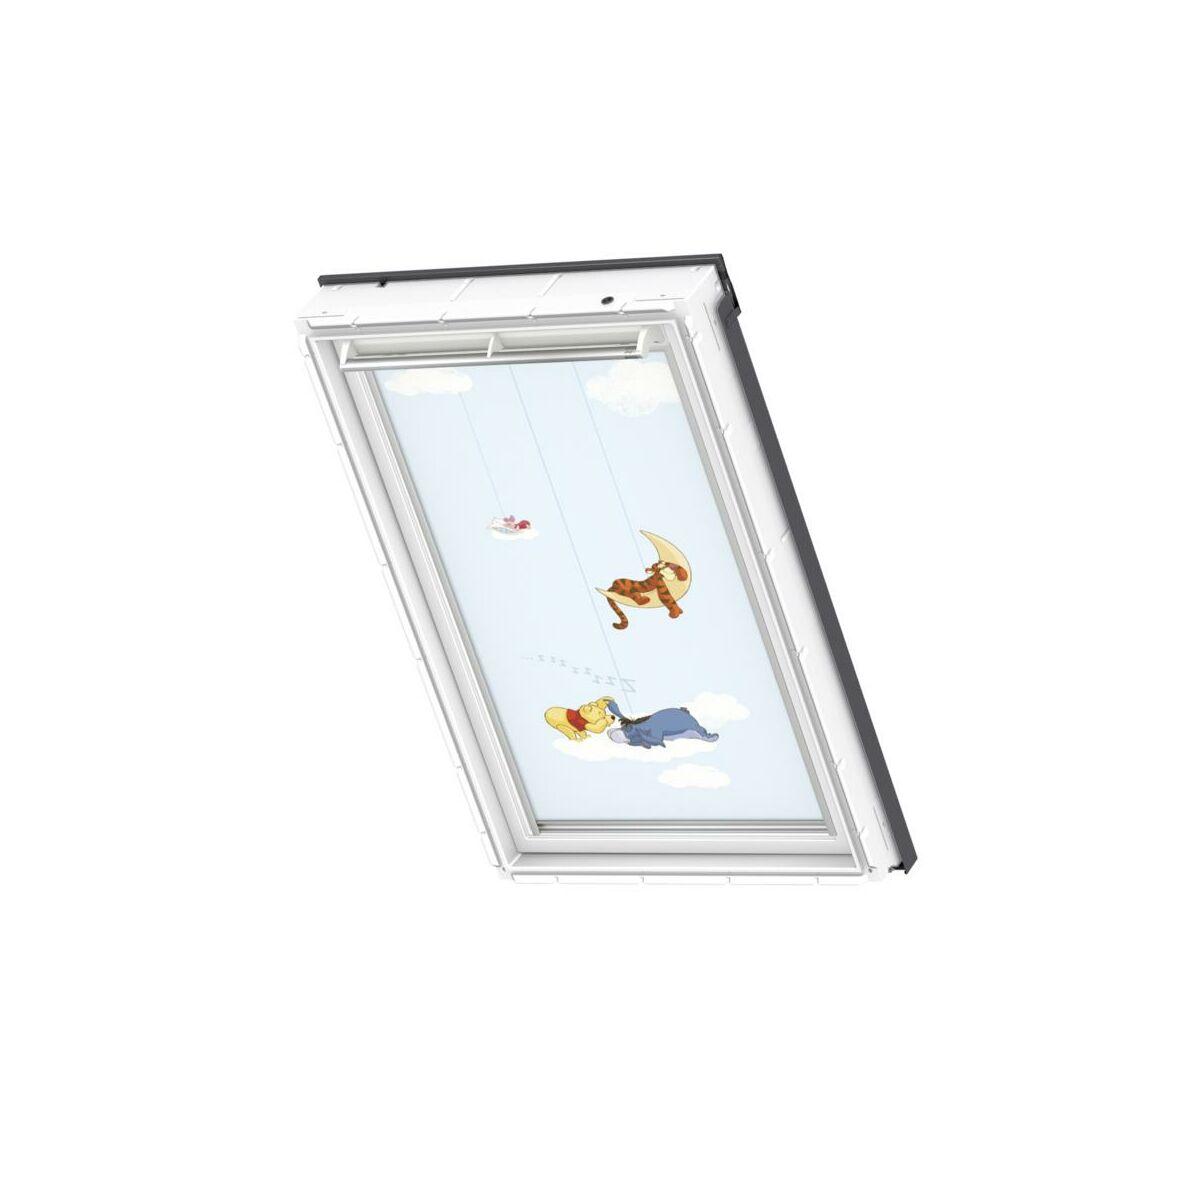 roleta dkl mk06 4610s velux markizy i rolety do okien dachowych w atrakcyjnej cenie w. Black Bedroom Furniture Sets. Home Design Ideas